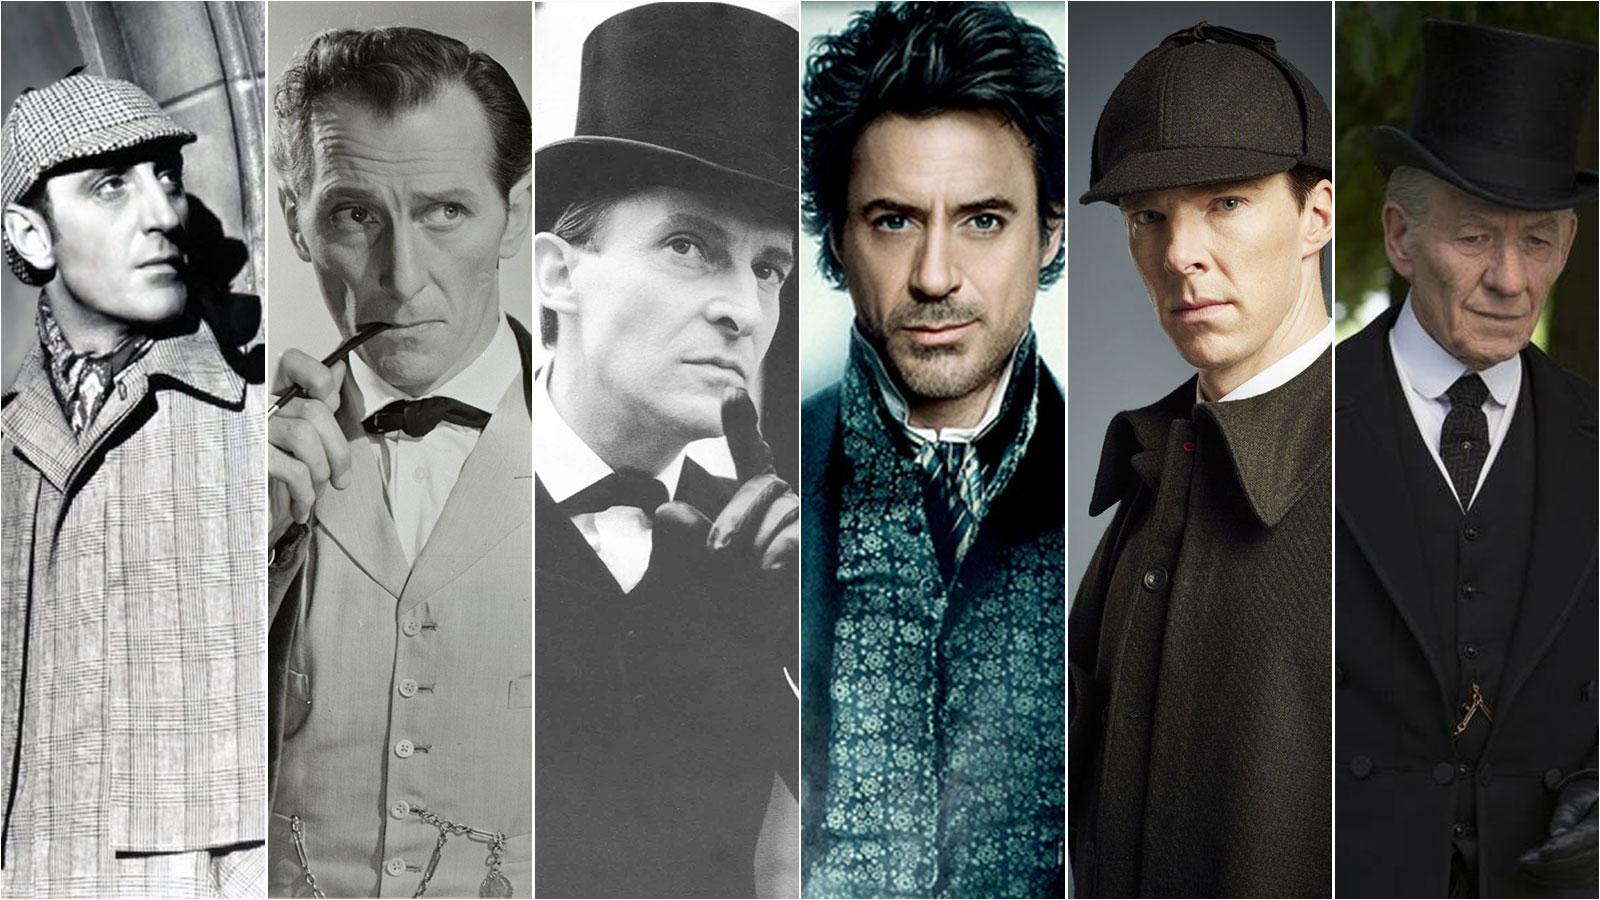 шерлок холмс актеры которые его играли